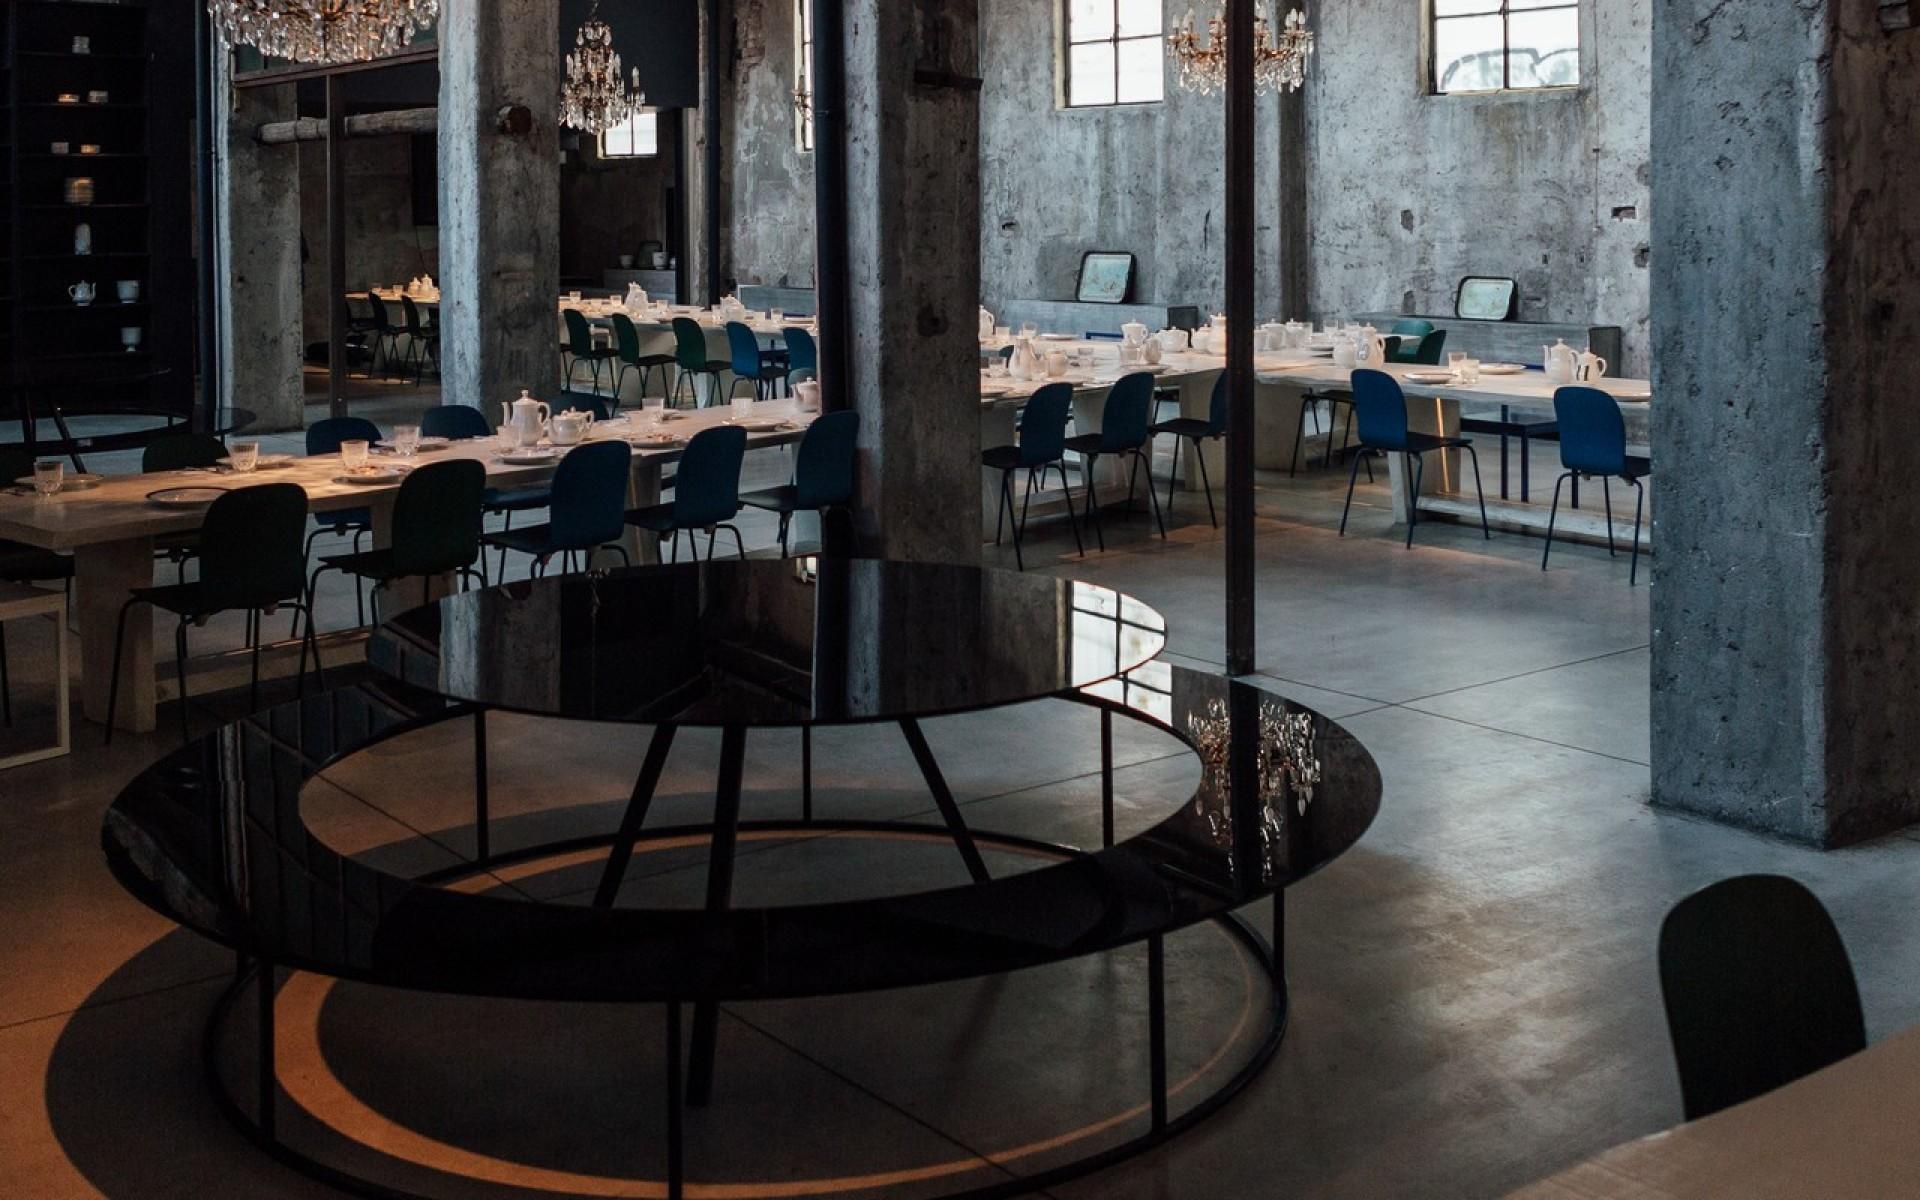 Bar ristorante cracco milano emmelle arredamenti for Bar arredamento